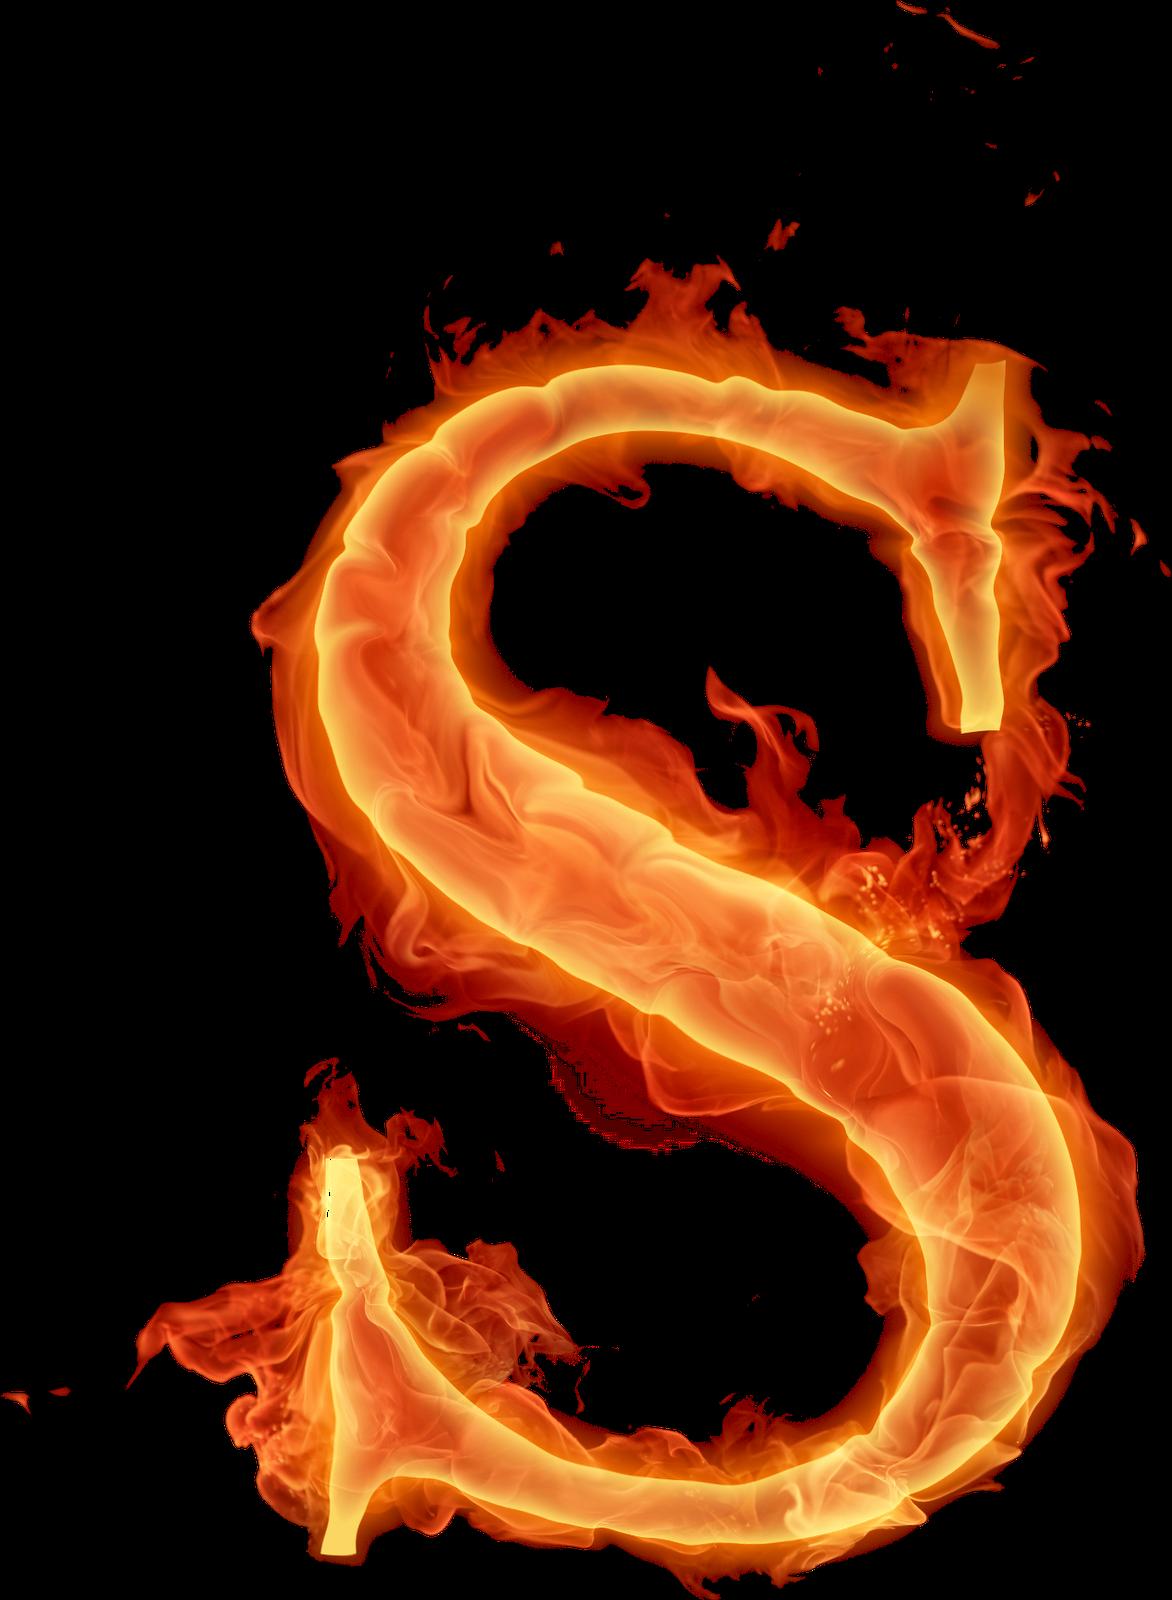 http://www.alfabetoslindos.com/2018/07/png-estilo-fogo-s.html